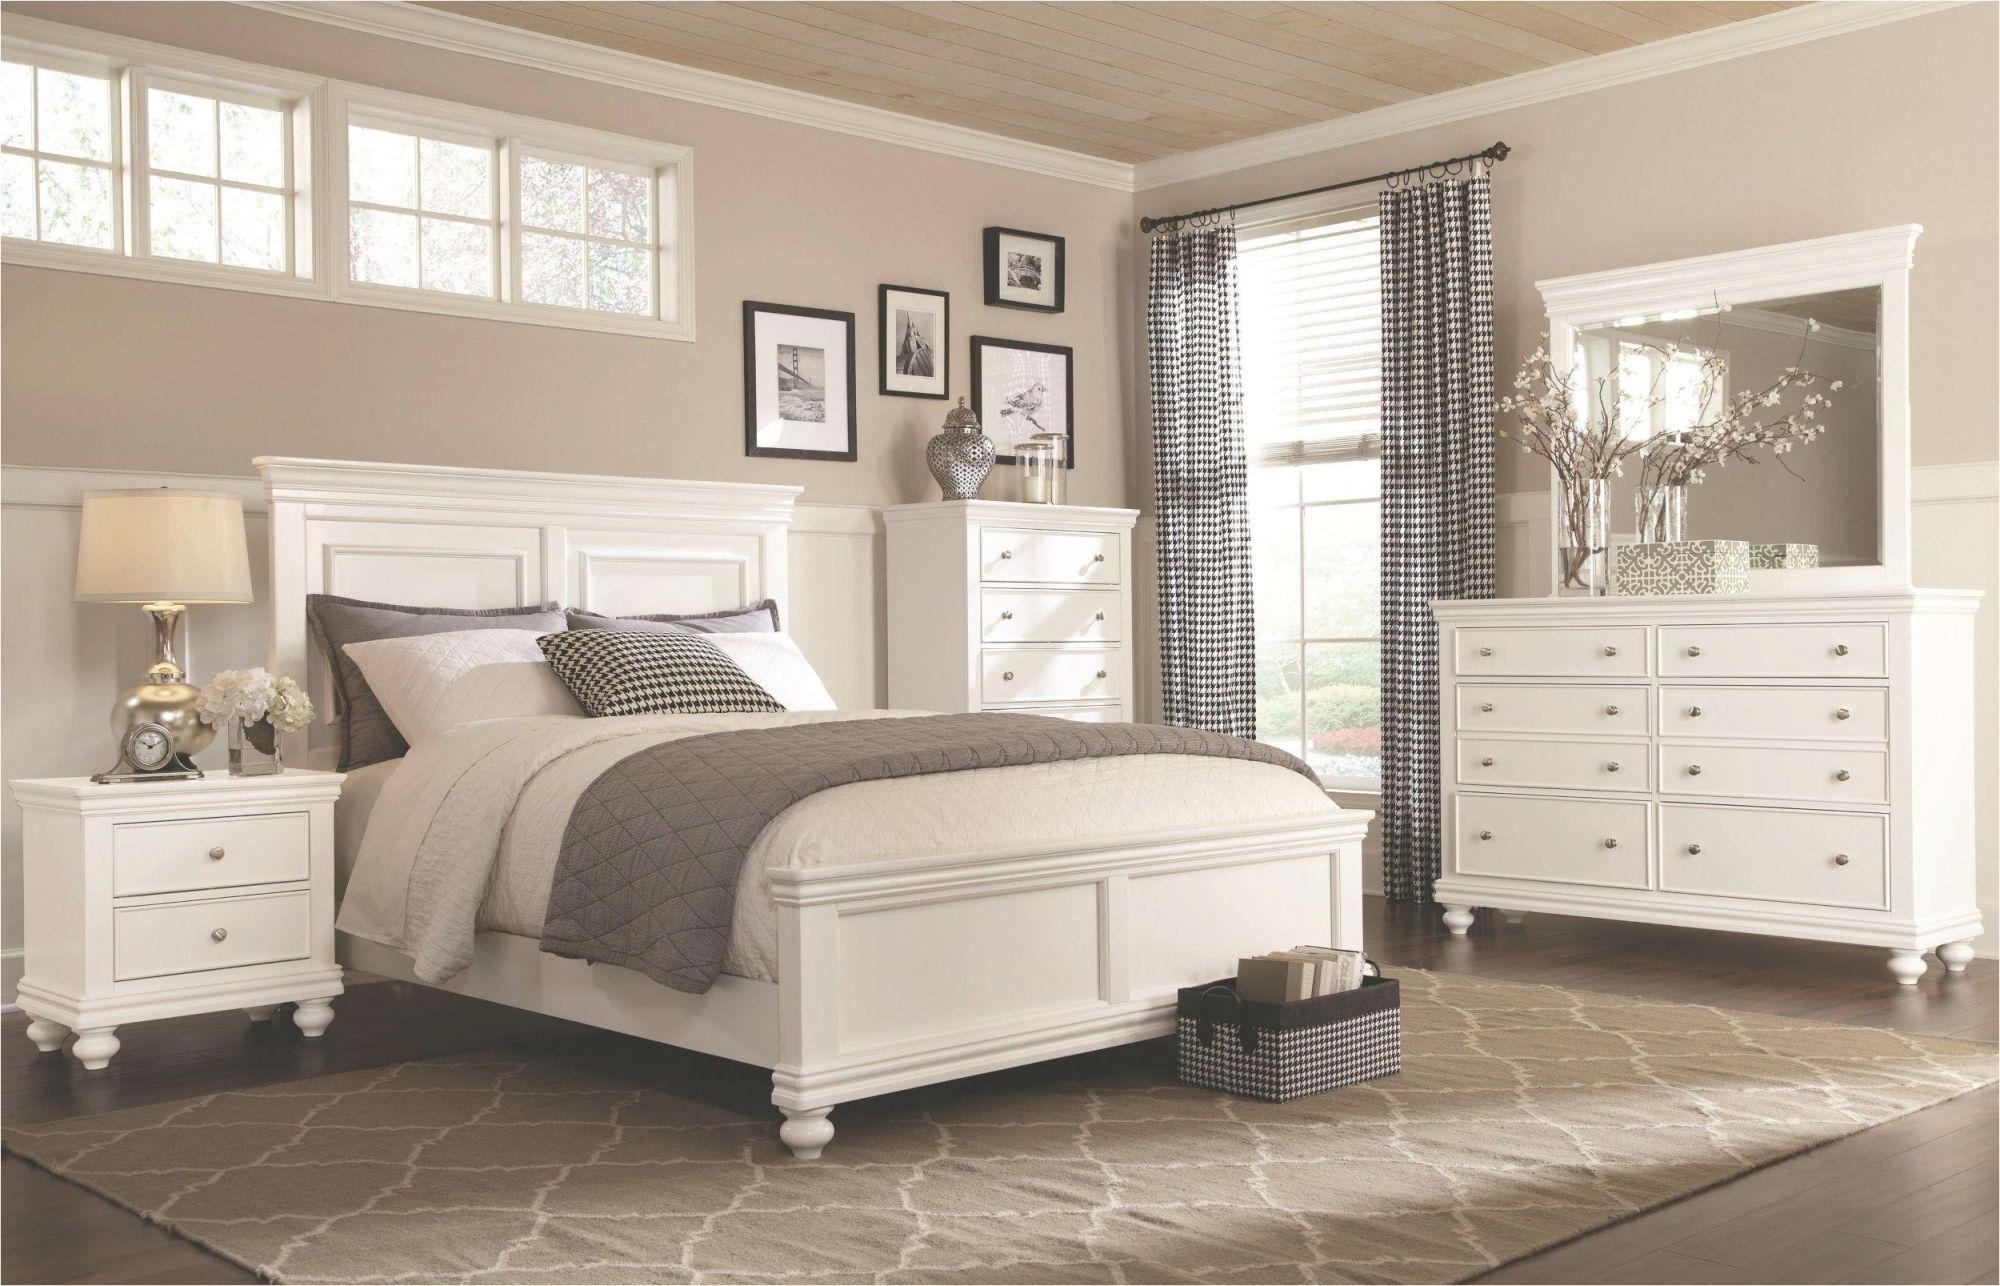 Elegant Levin Furniture Bedroom Sets - Awesome Decors